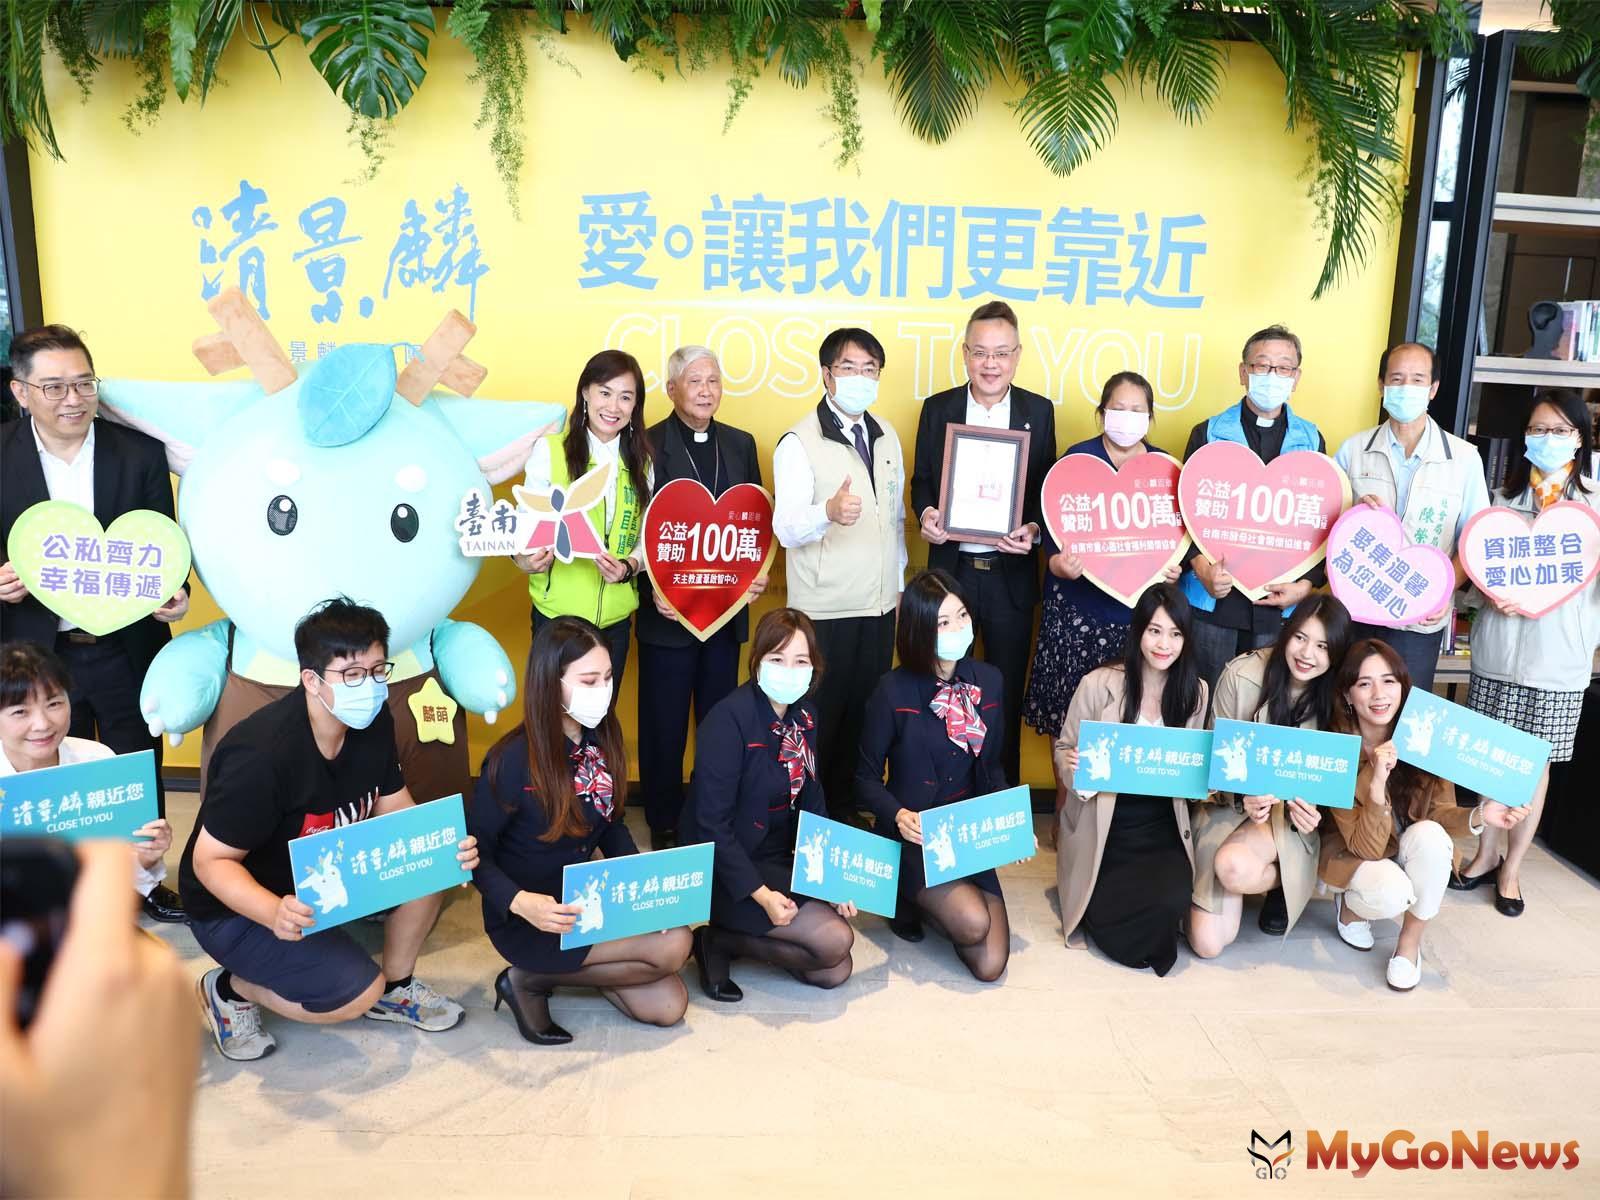 清景麟巴克禮築愛台南 喜捐300萬助公益 MyGoNews房地產新聞 市場快訊